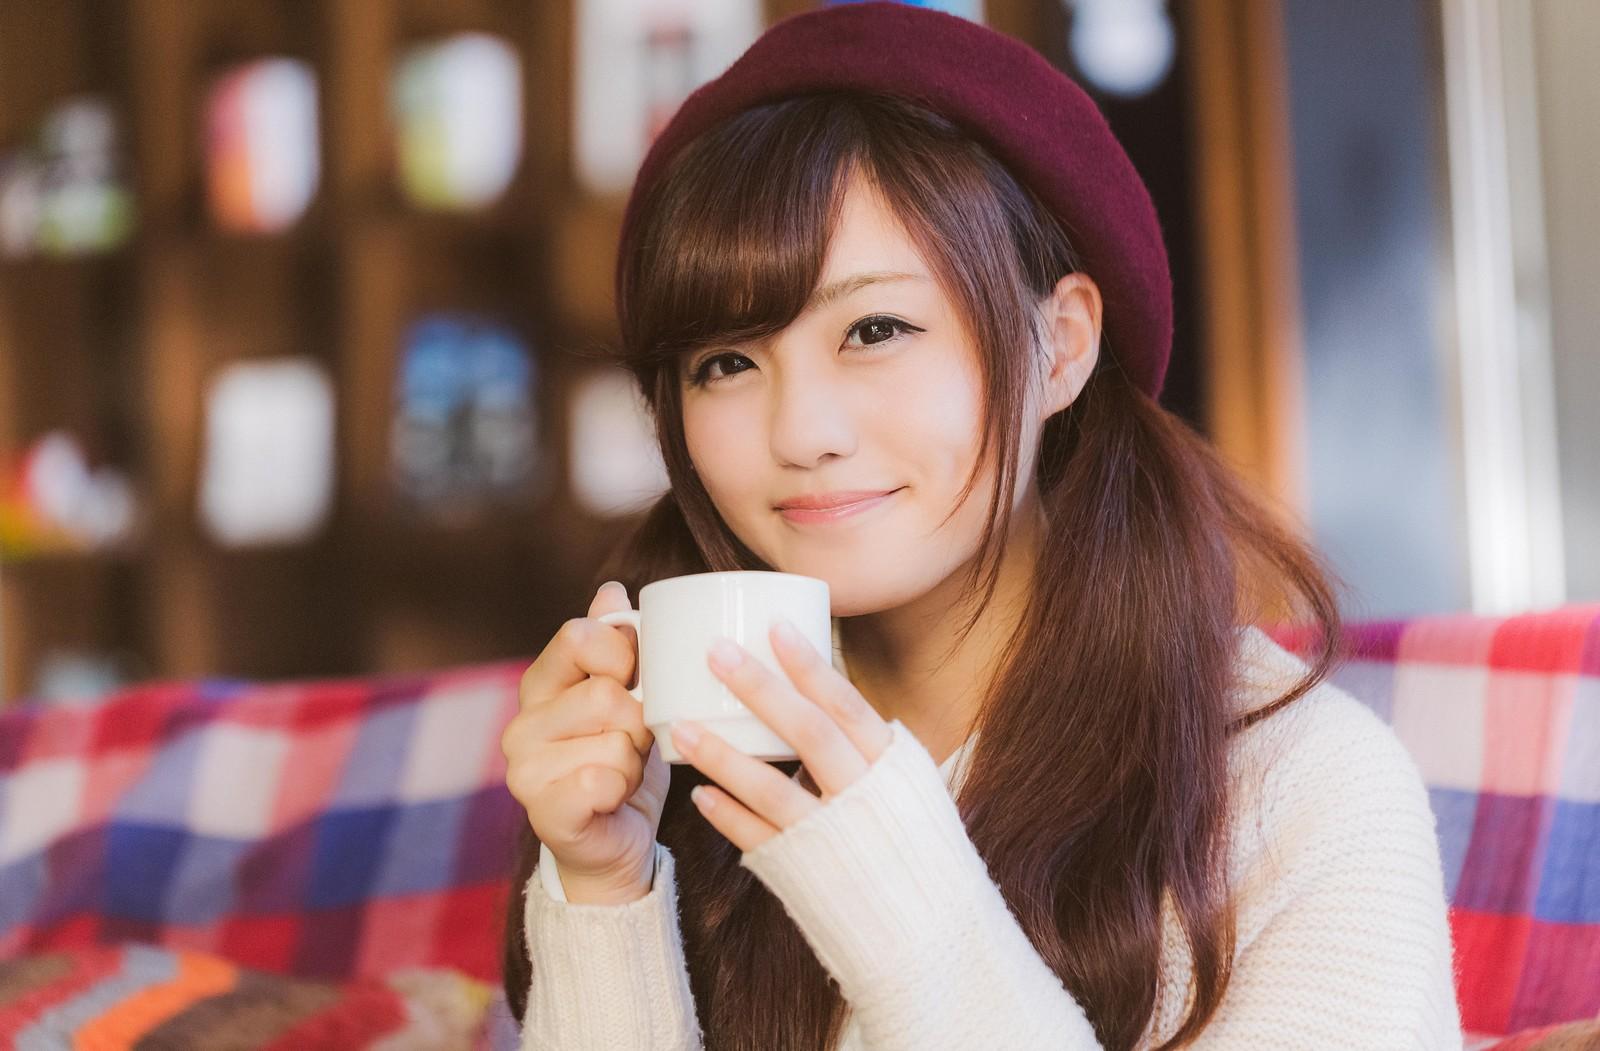 コーヒーを飲む河村友歌がかわいい